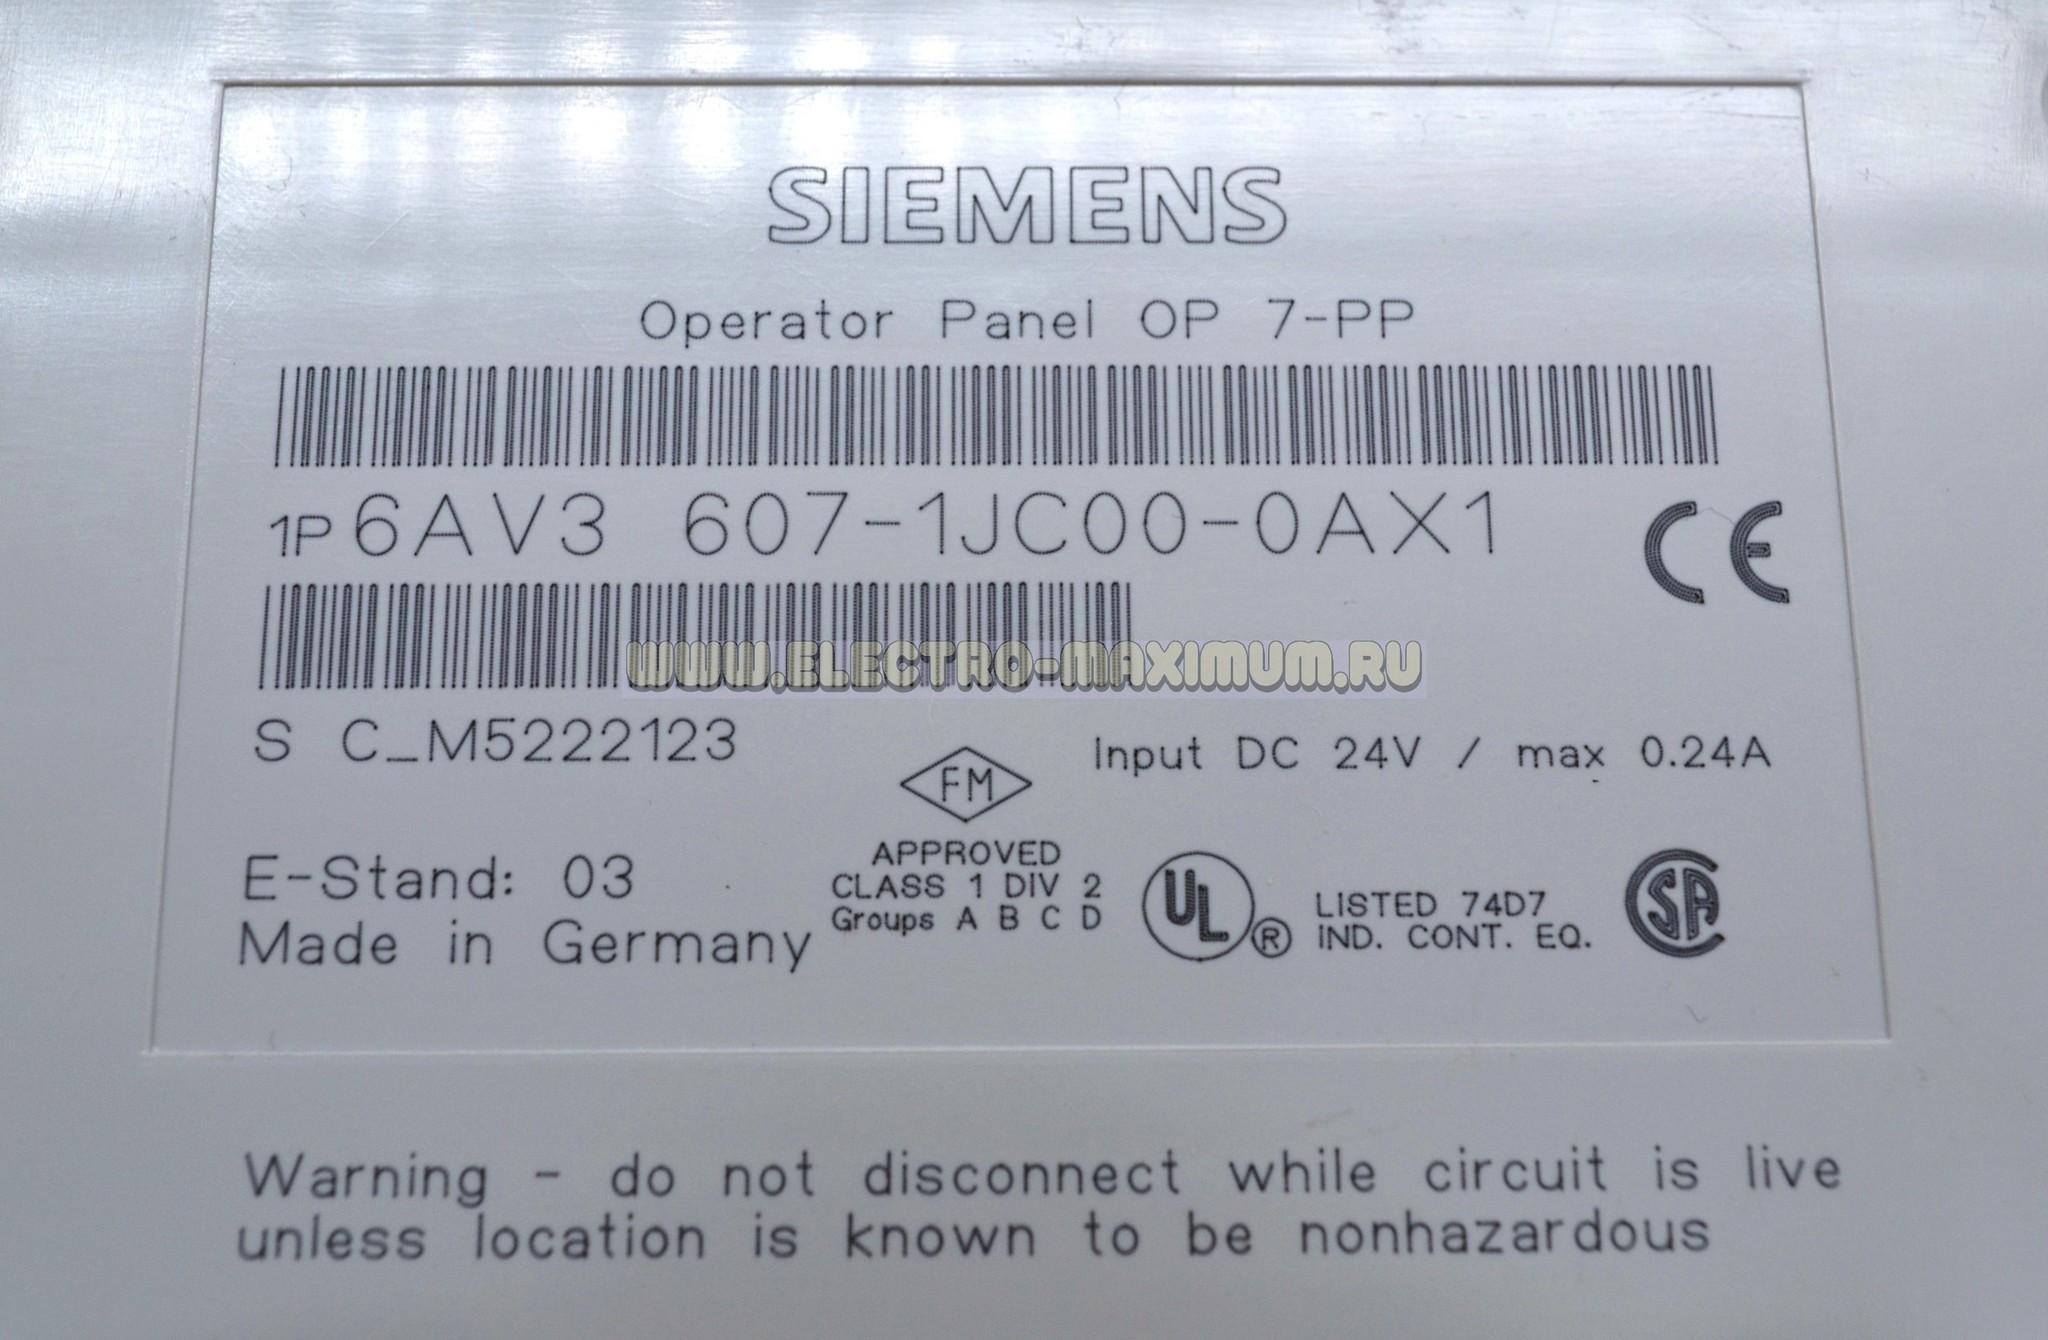 OP7/DP 6AV3607-1JC00-0AX1